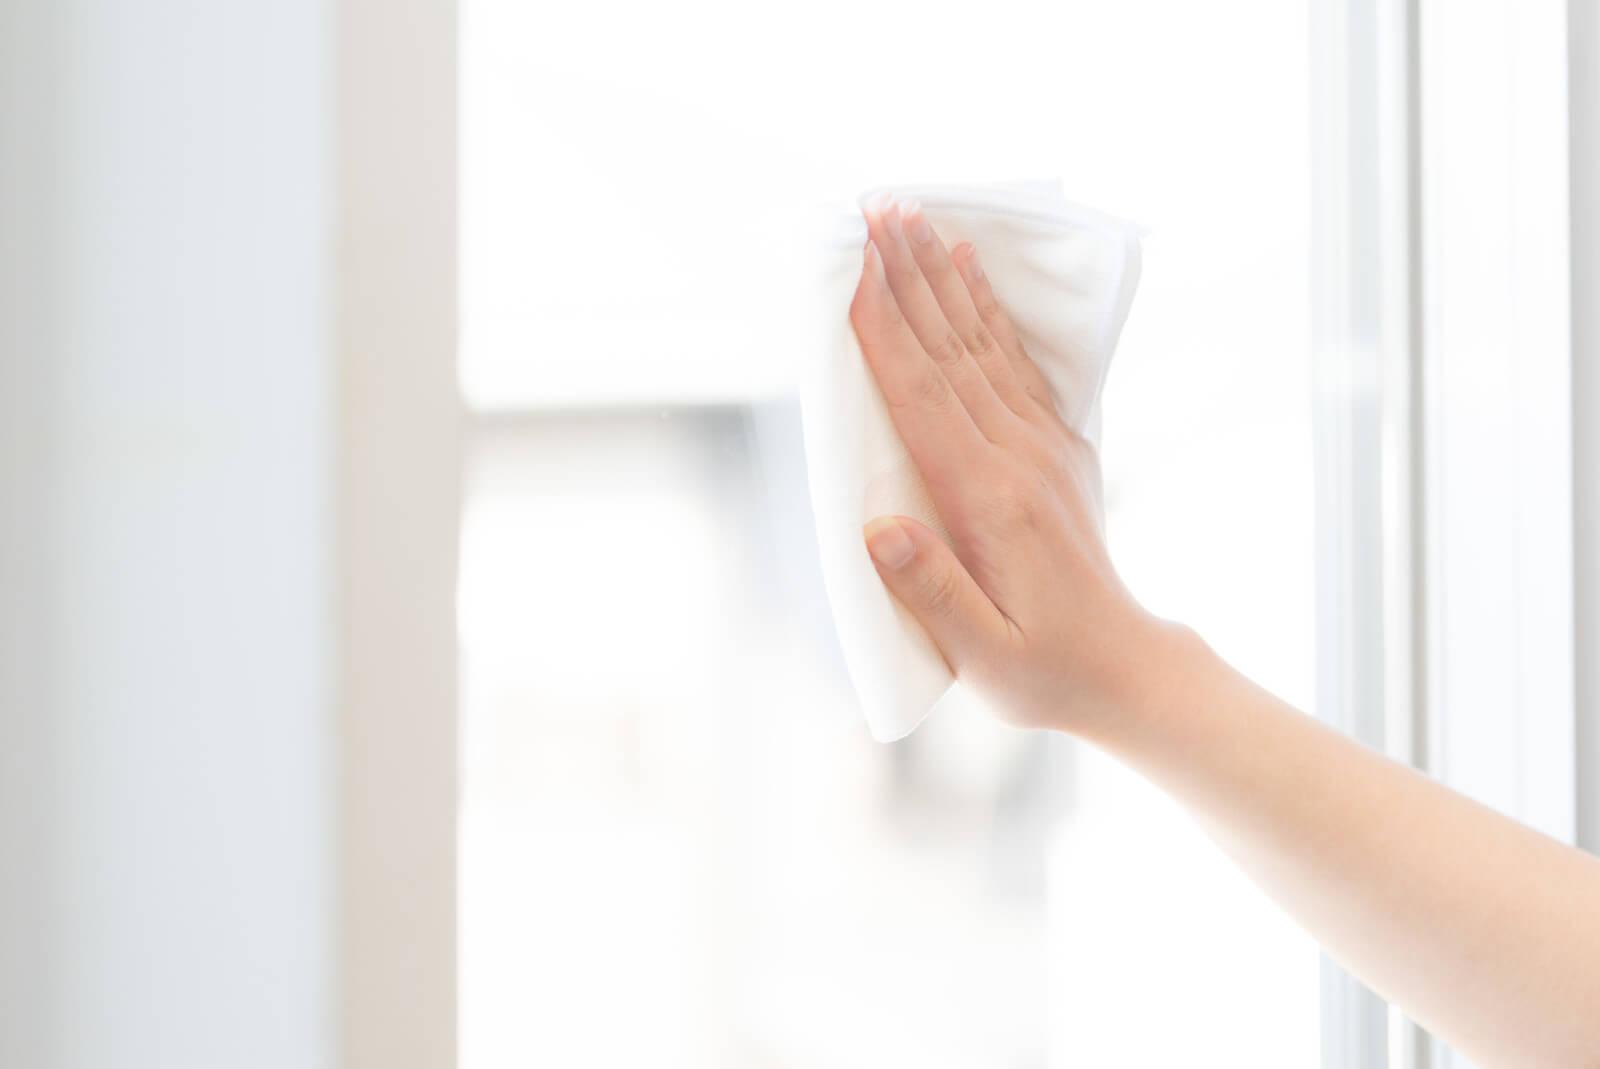 掃除(窓拭きをしている)